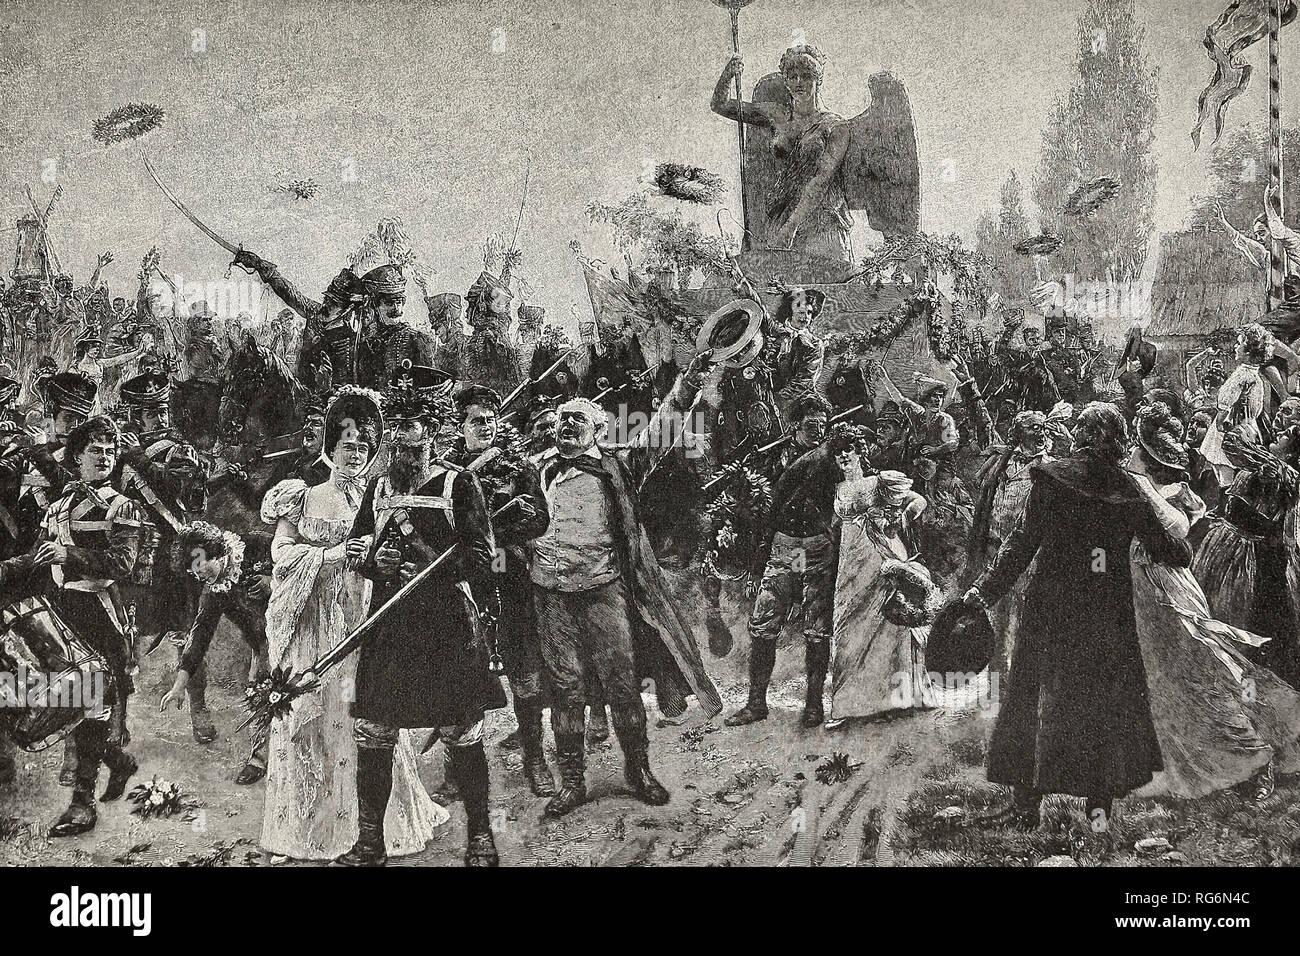 Il Trionfo di Berlino - La statua della Vittoria, catturato da Napoleone, viene ripristinata con festeggiamenti in 1814 Foto Stock